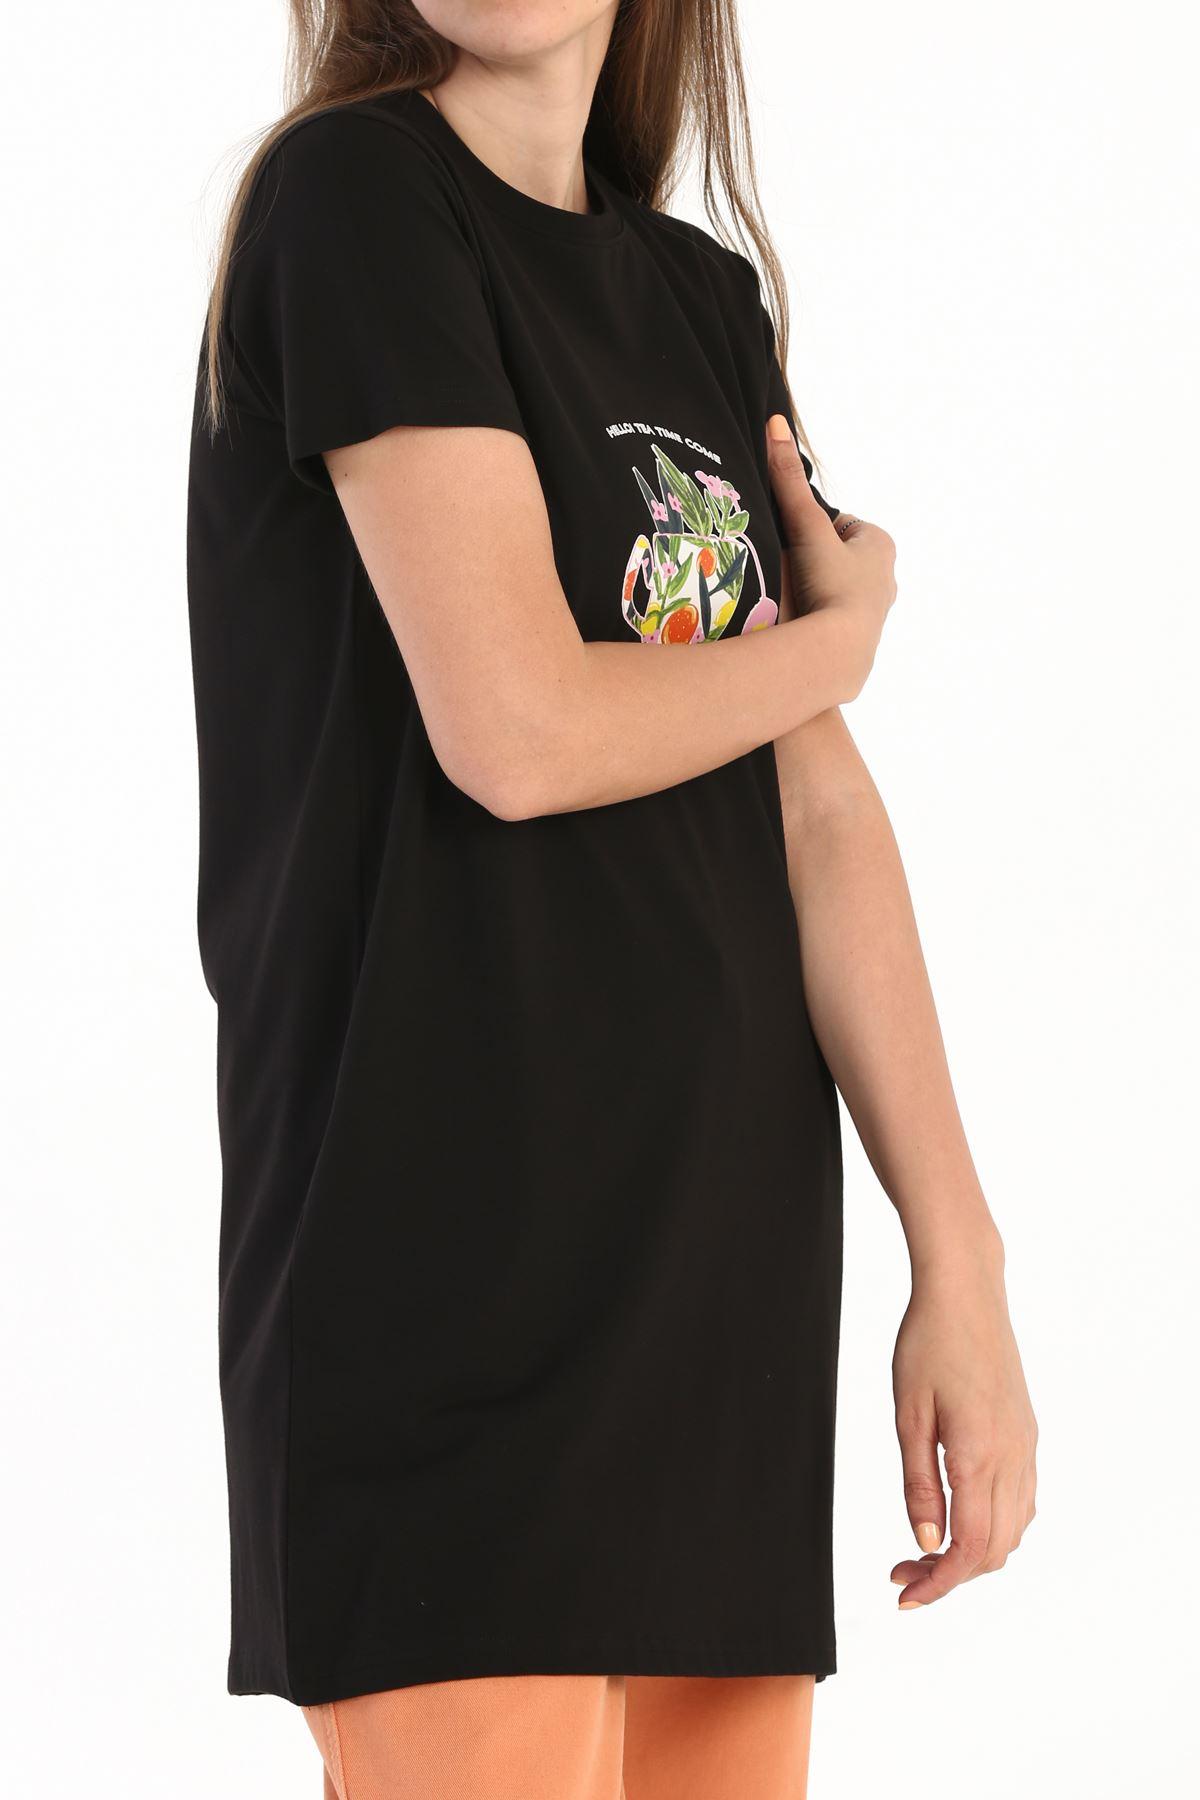 Kadın Baskılı Uzun T-Shirt-siyah